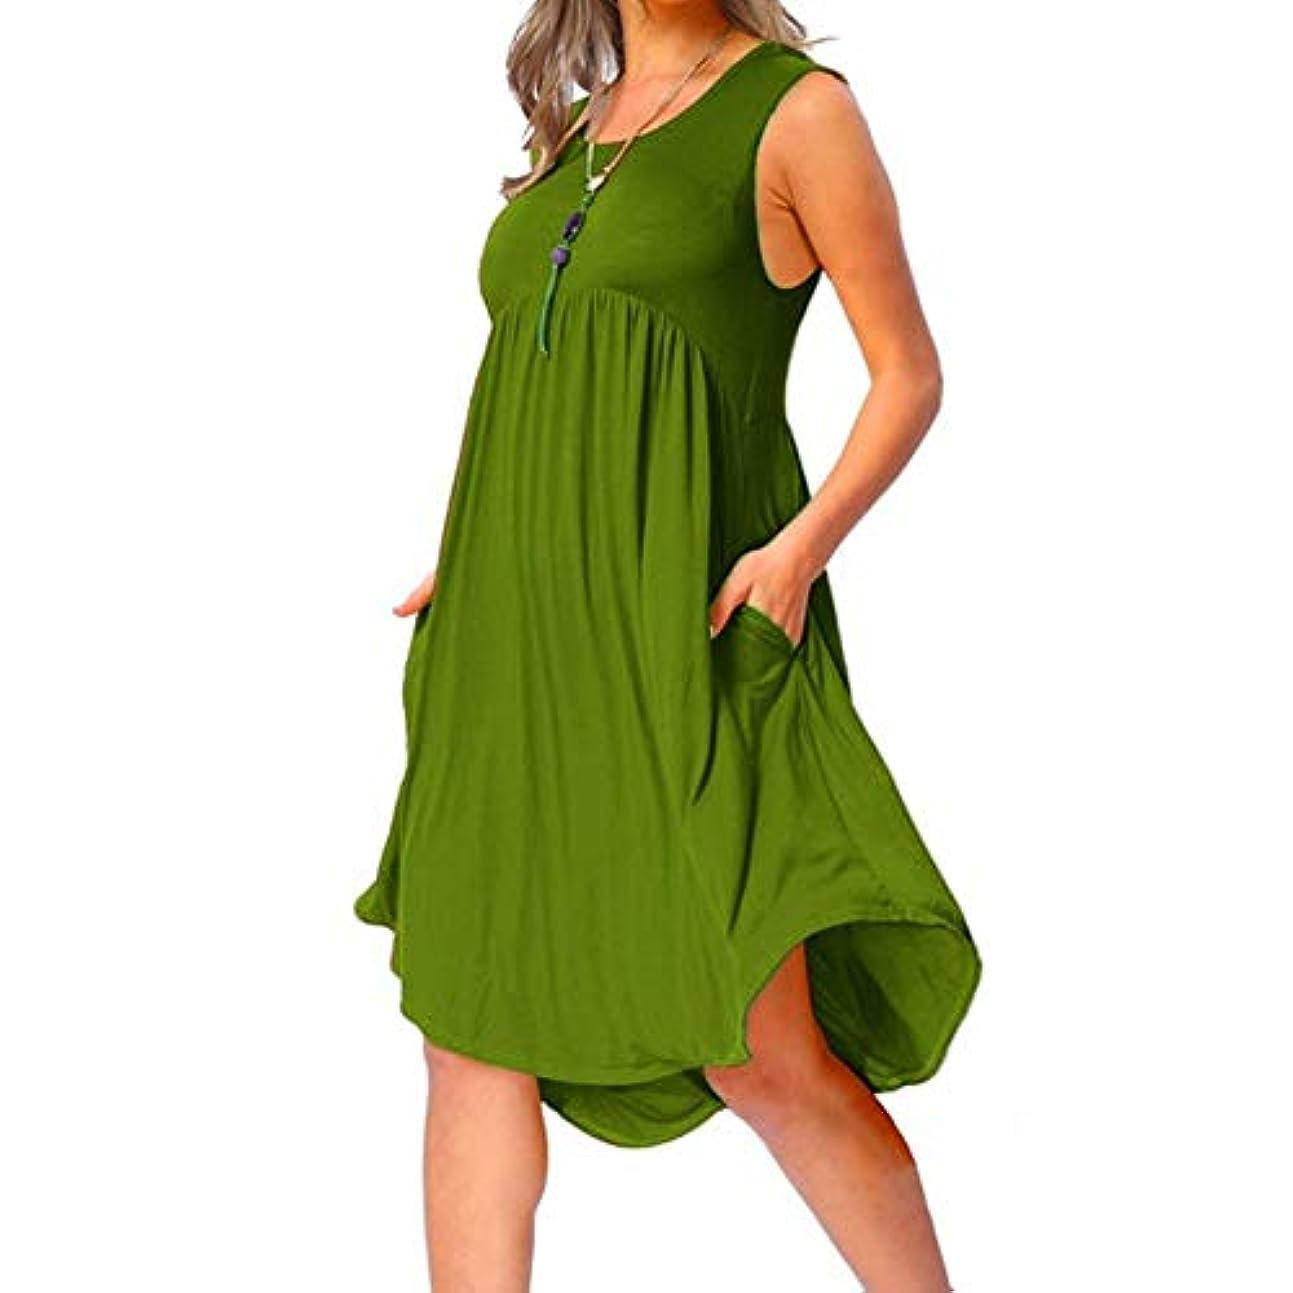 過言疲れた子孫MIFAN の女性のドレスカジュアルな不規則なドレスルースサマービーチTシャツドレス